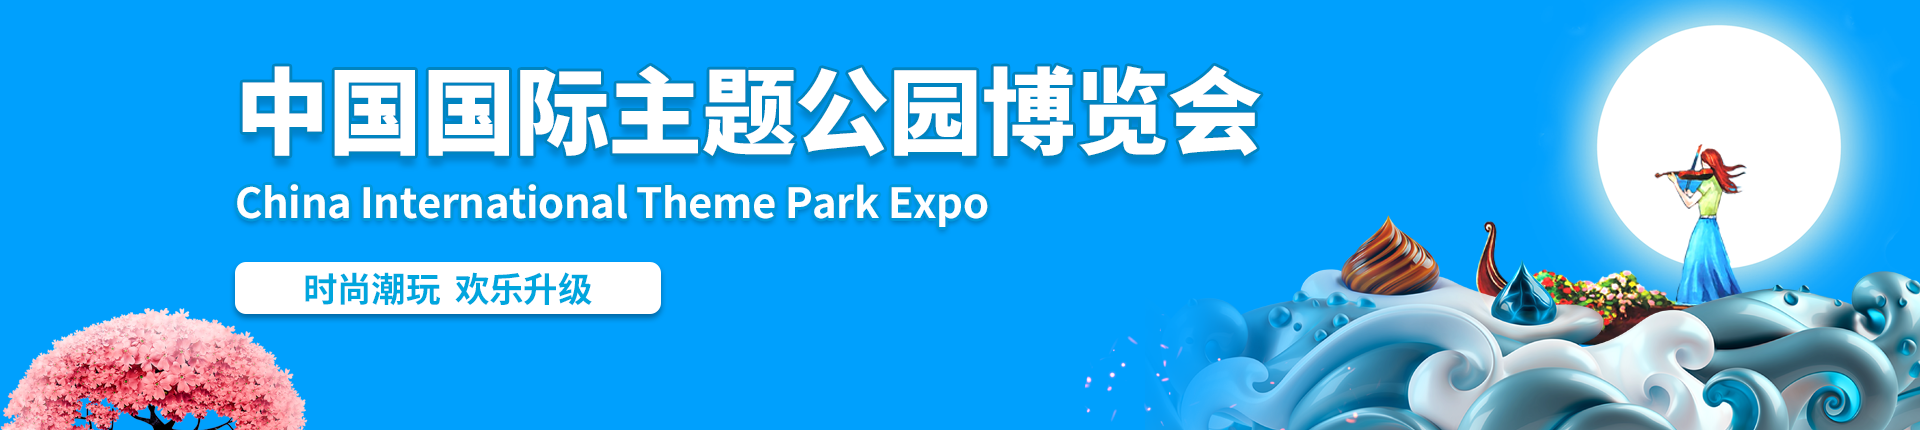 云展·中国国际主题公园博览会